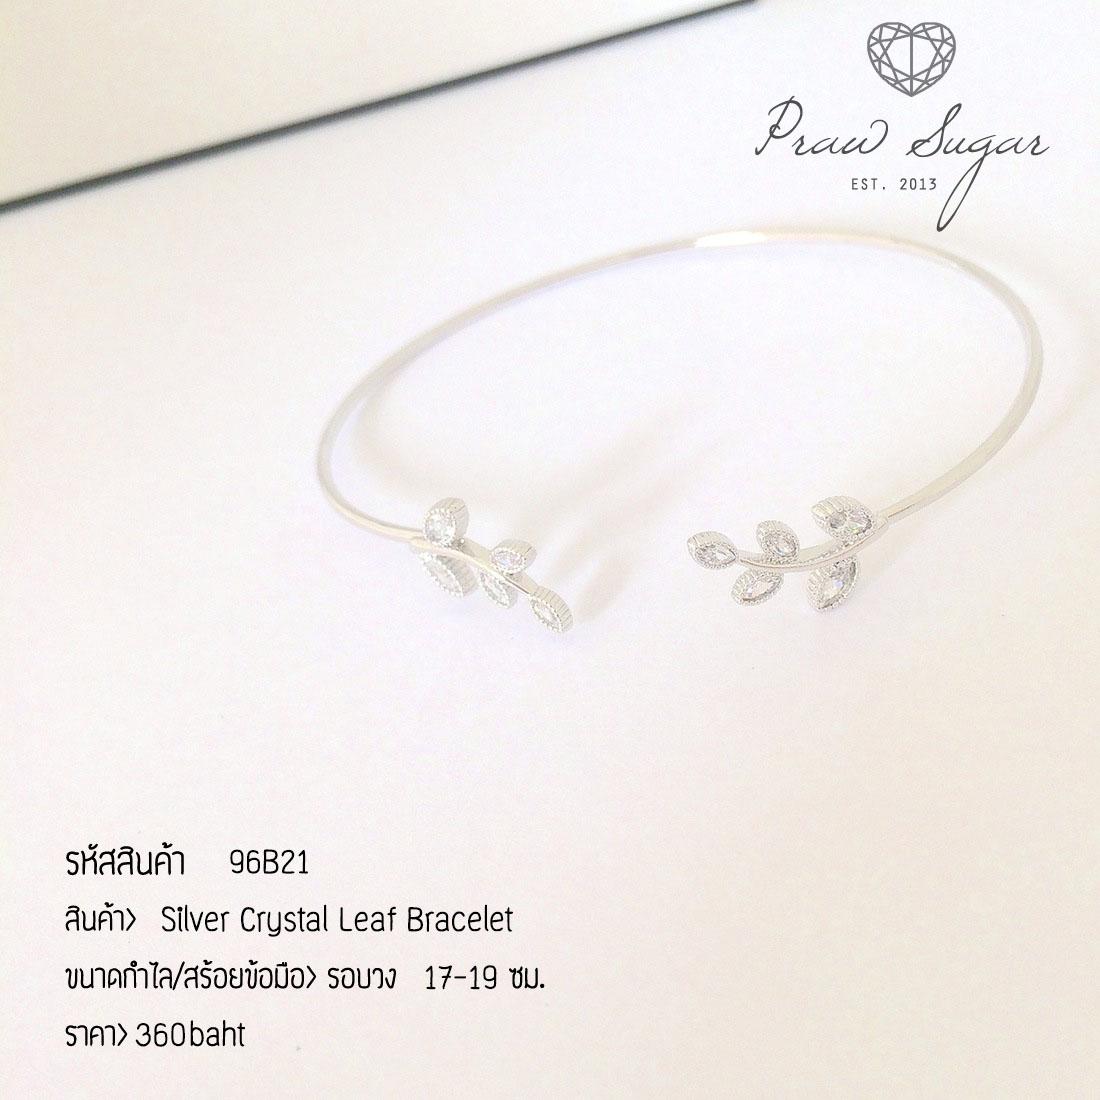 Silver Crystal Leaf Bracelet